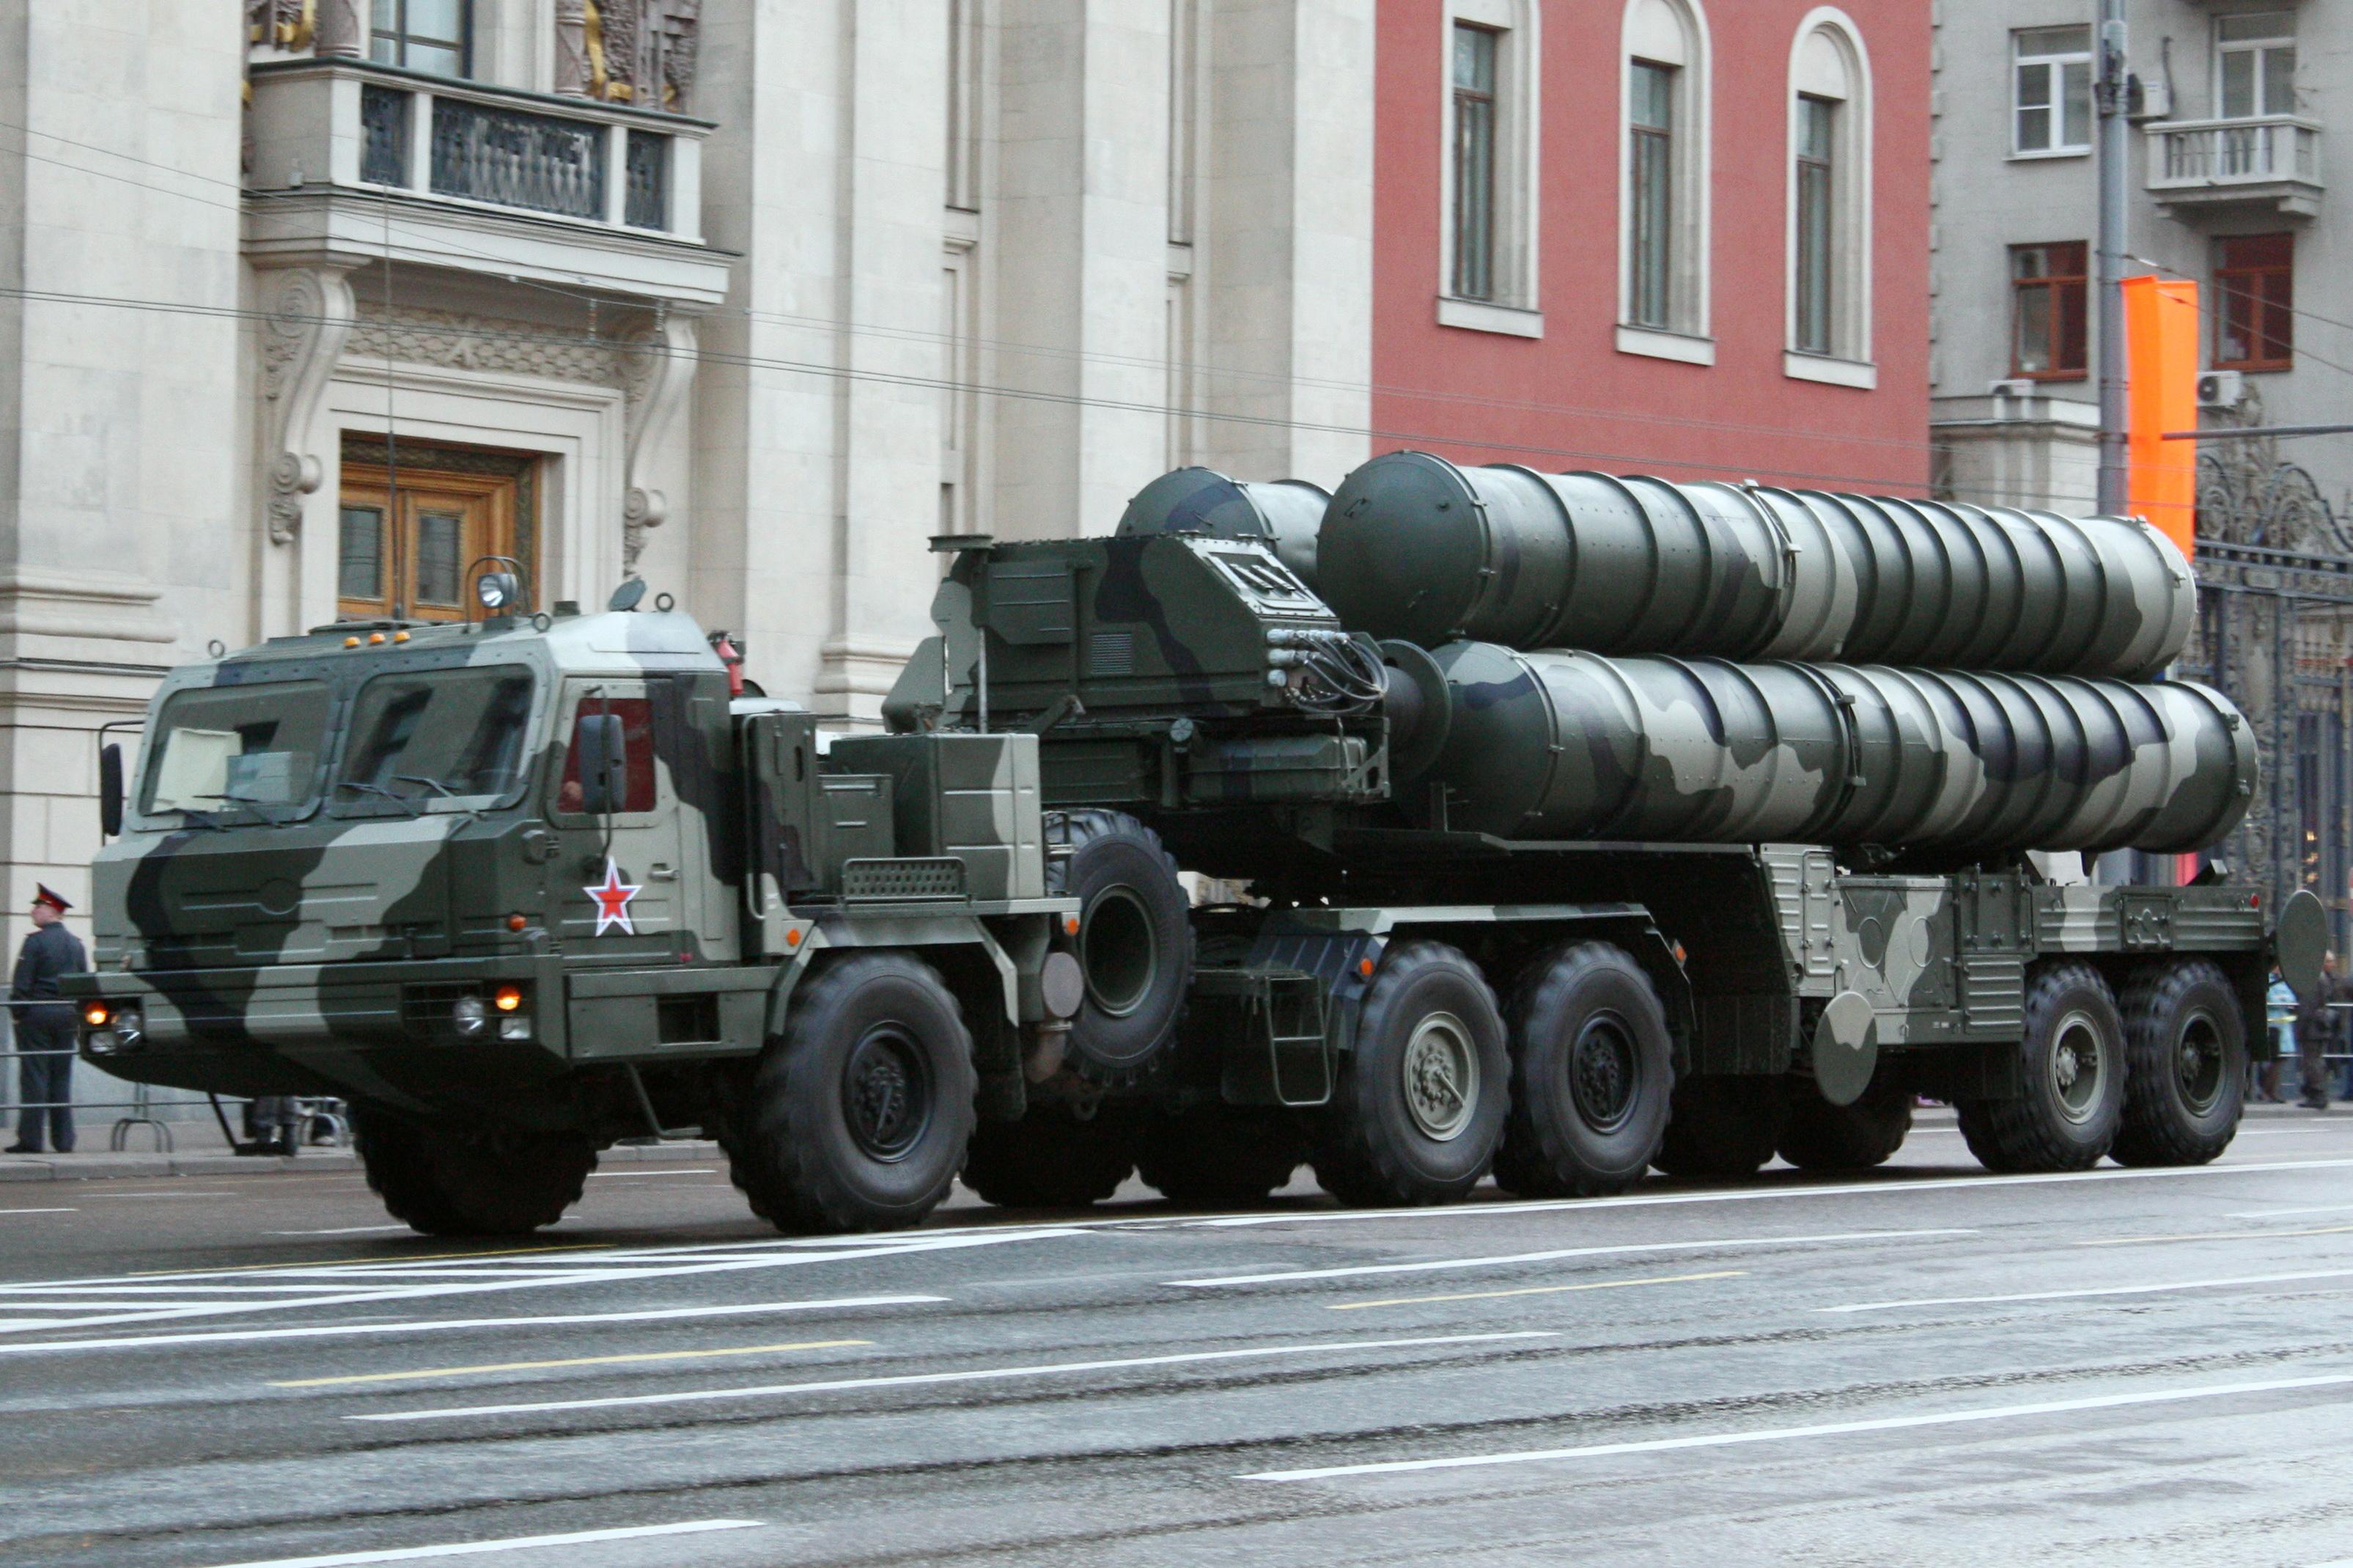 В центре Москвы установлен зенитно-ракетный комплекс